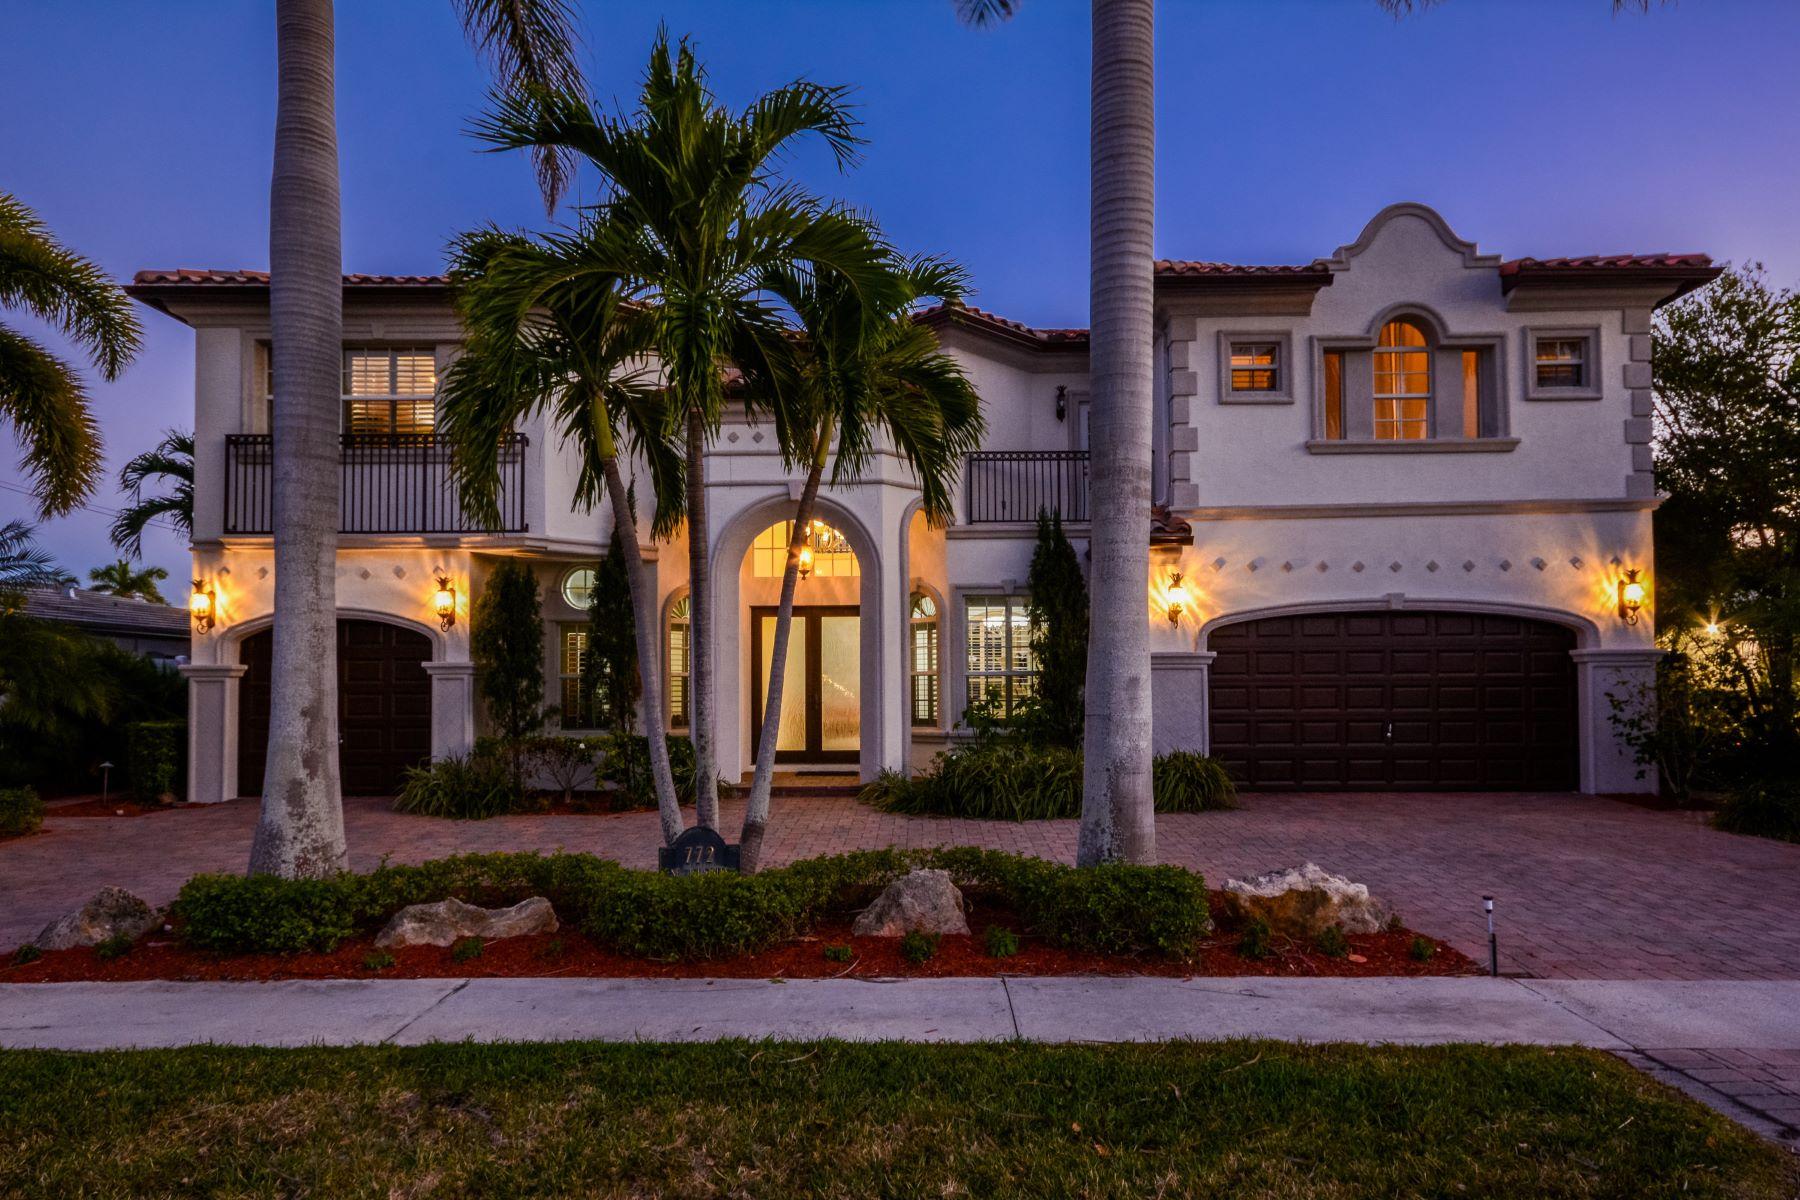 Single Family Home for Rent at 772 NE 71st St , Boca Raton, FL 33487 772 NE 71st St Boca Raton, Florida 33487 United States